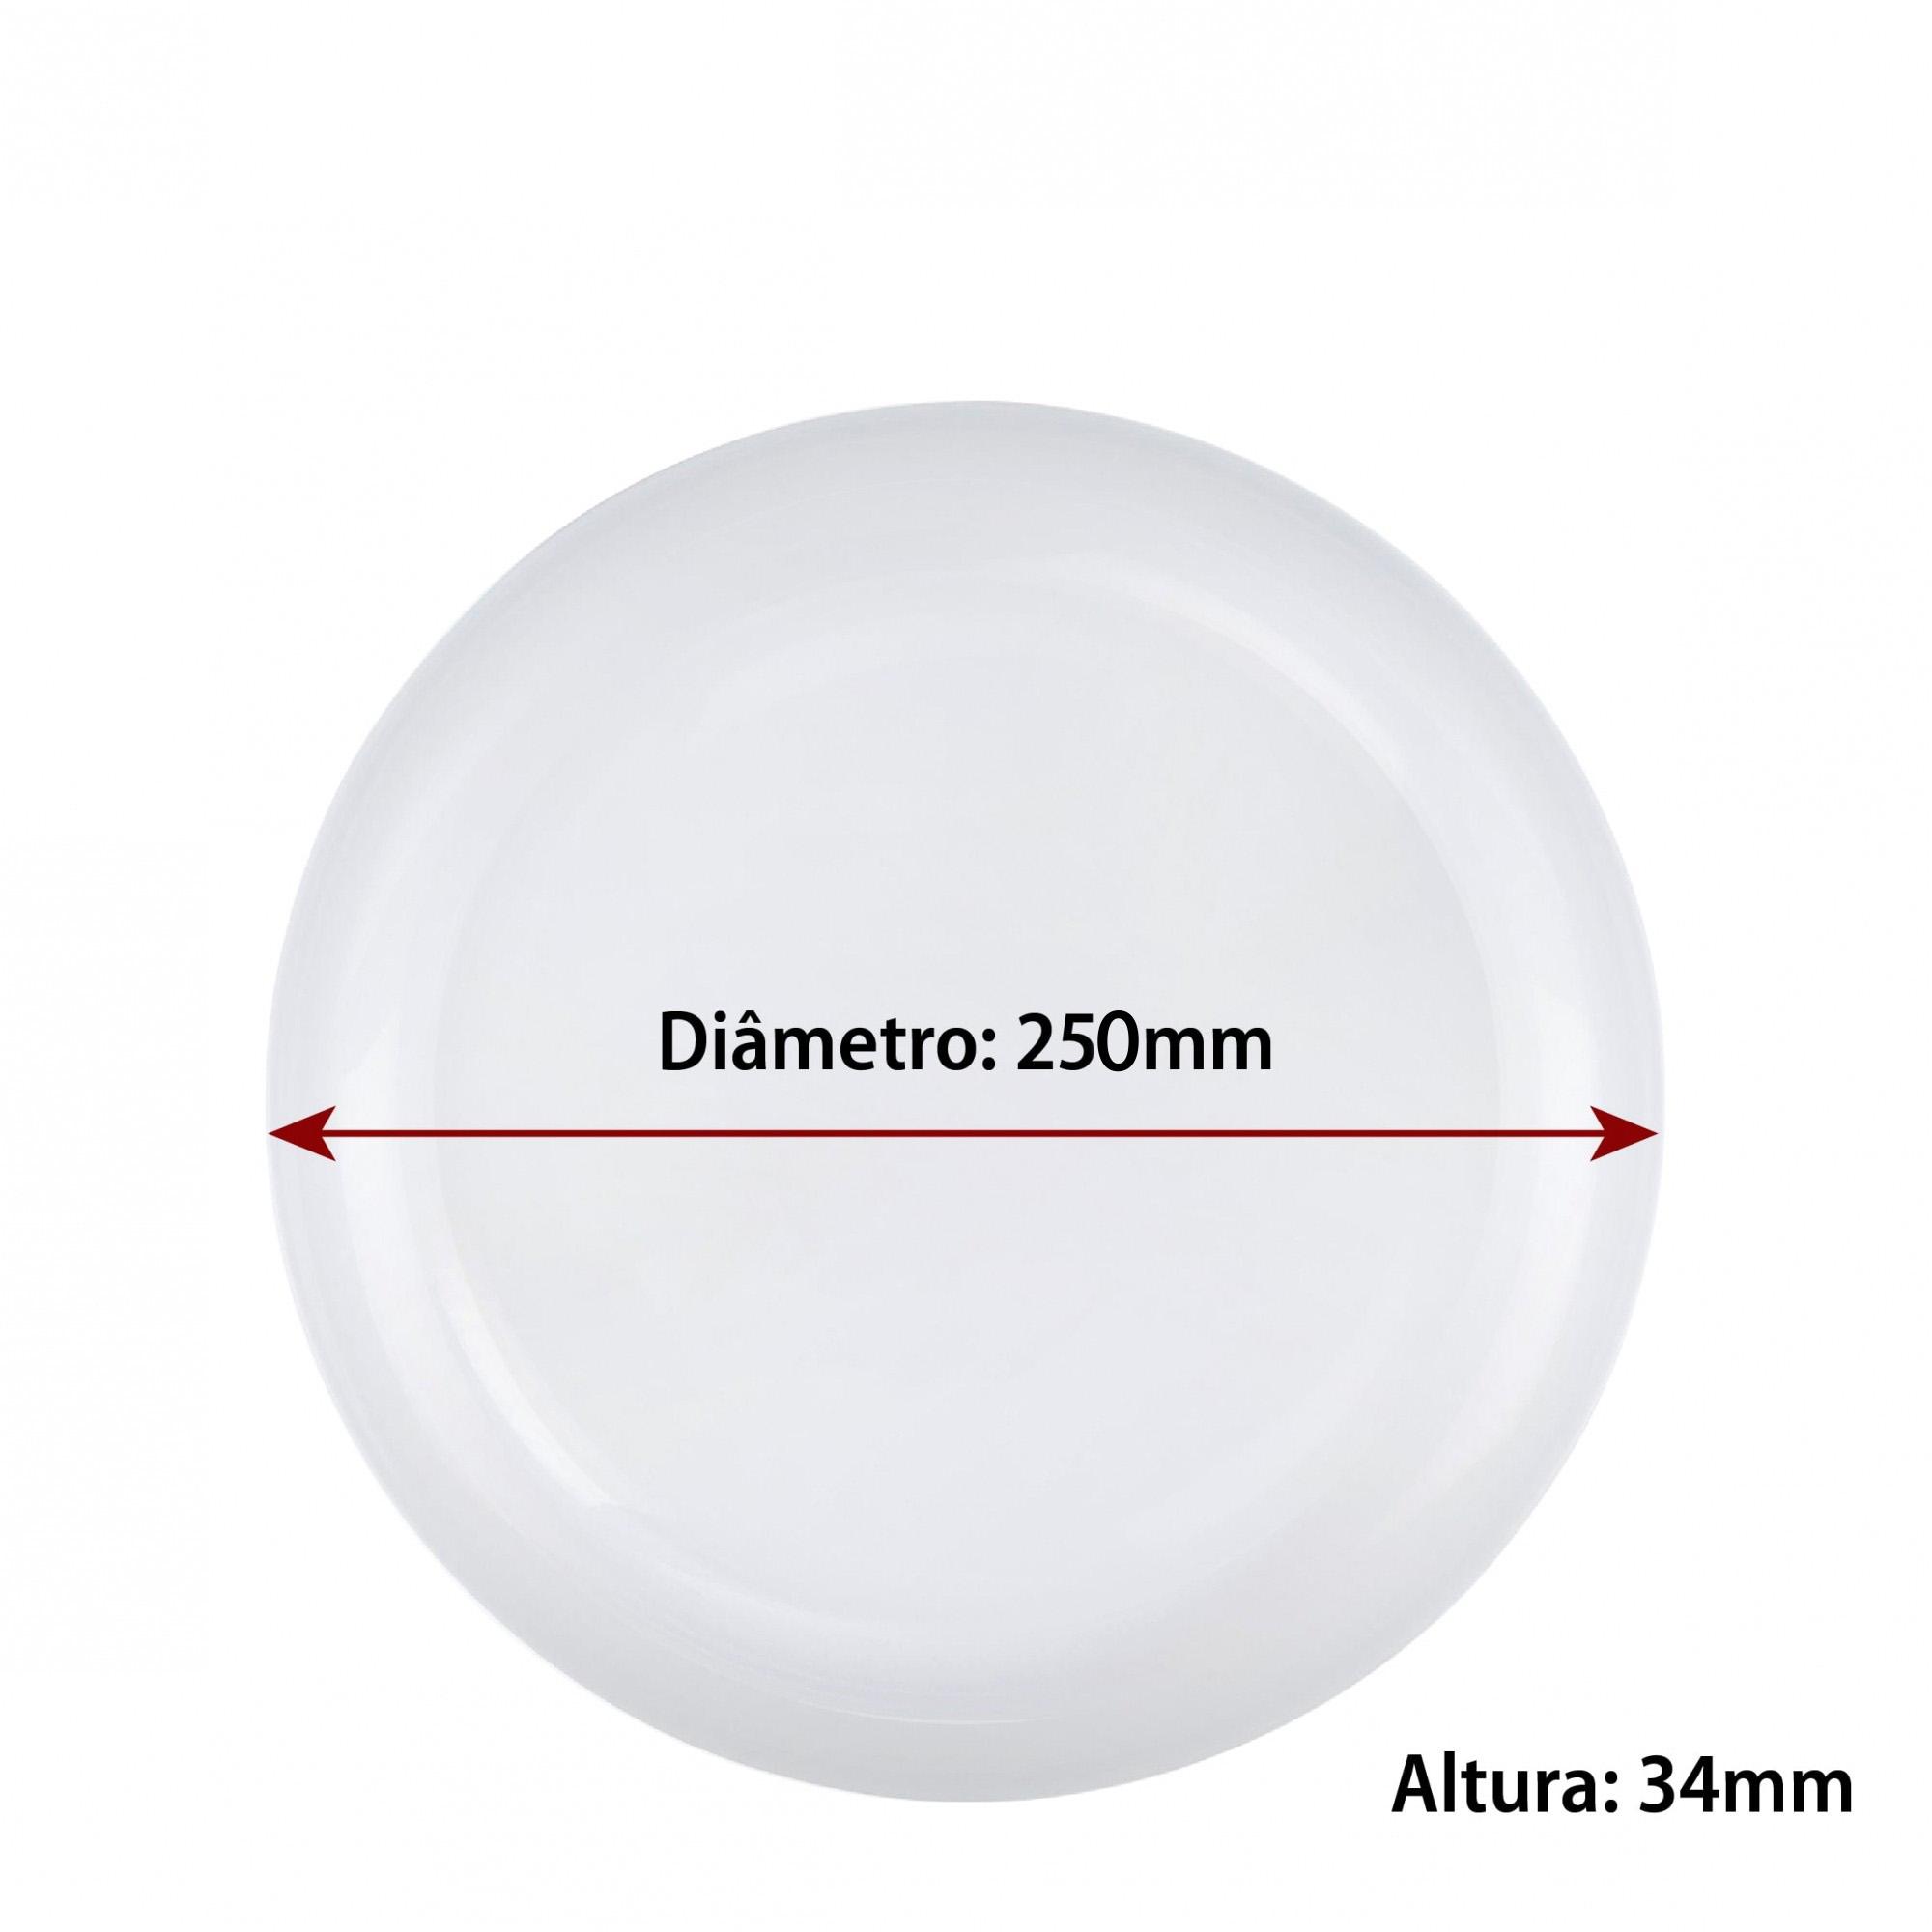 Jogo de Pratos de Vidro Branco Raso Redondo 25cm 6 Pcs